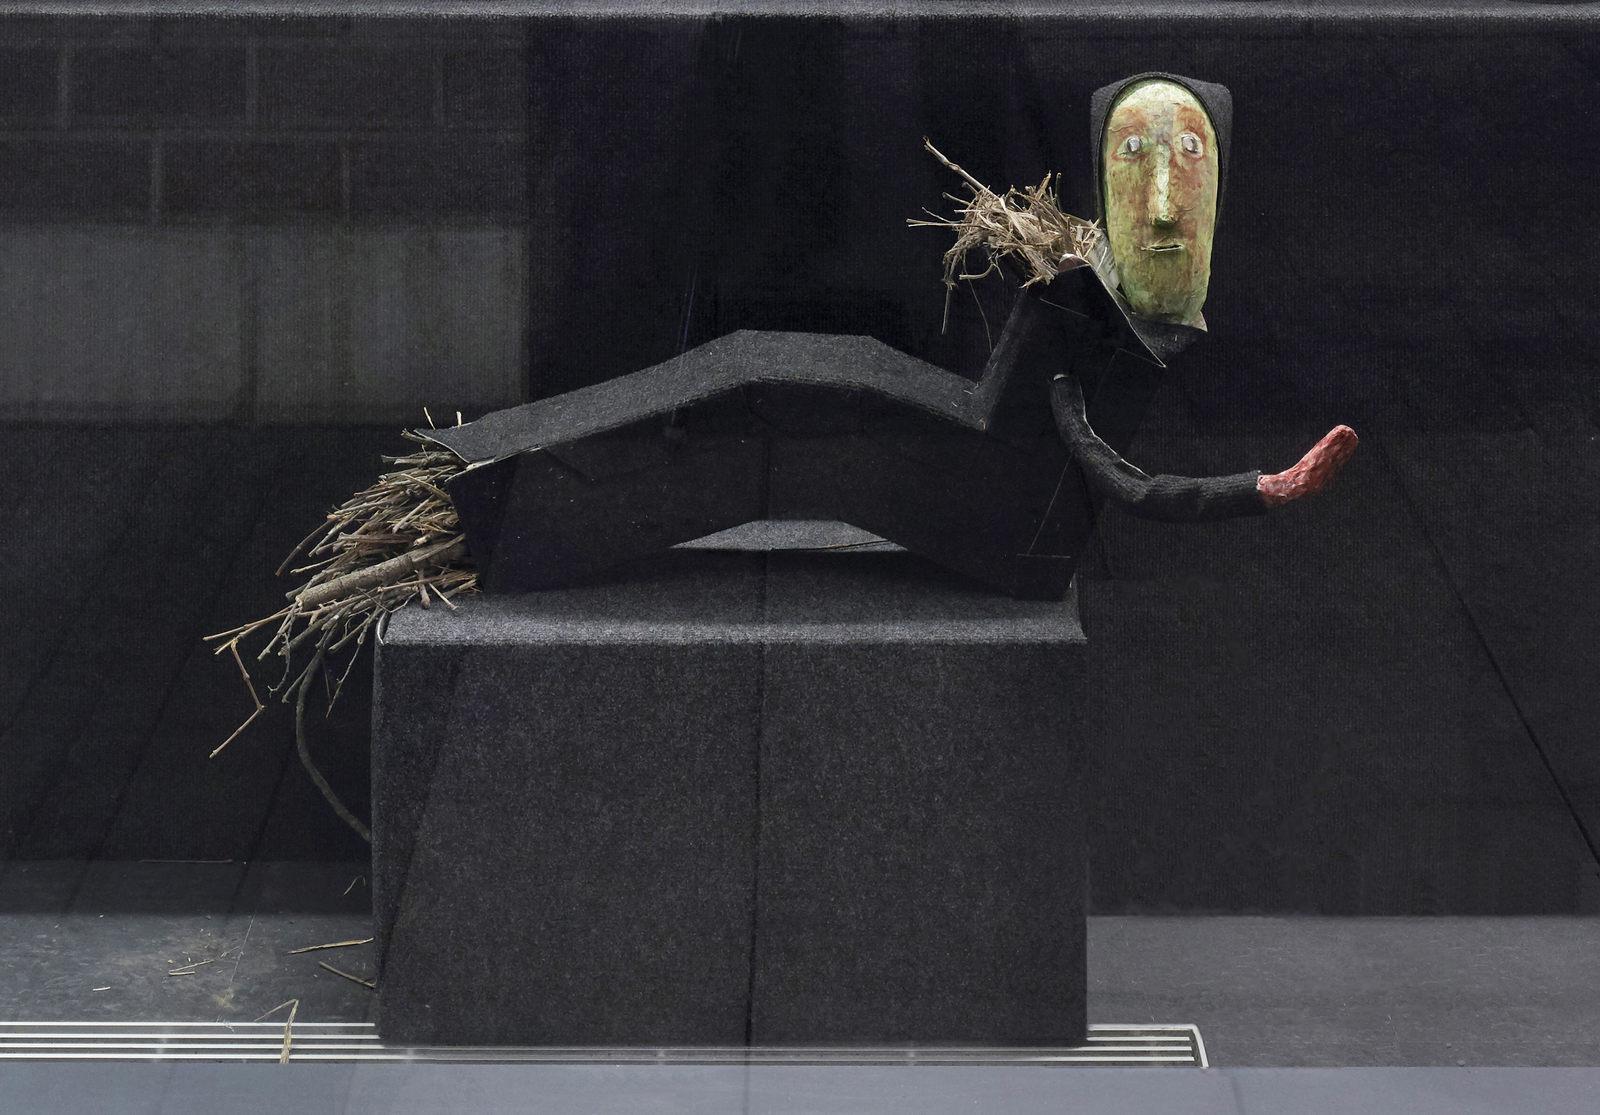 16_Shelly Nadashi NESTING BOX, Installation View_Dortmunder Kunstverein, Photo Simon Vogel